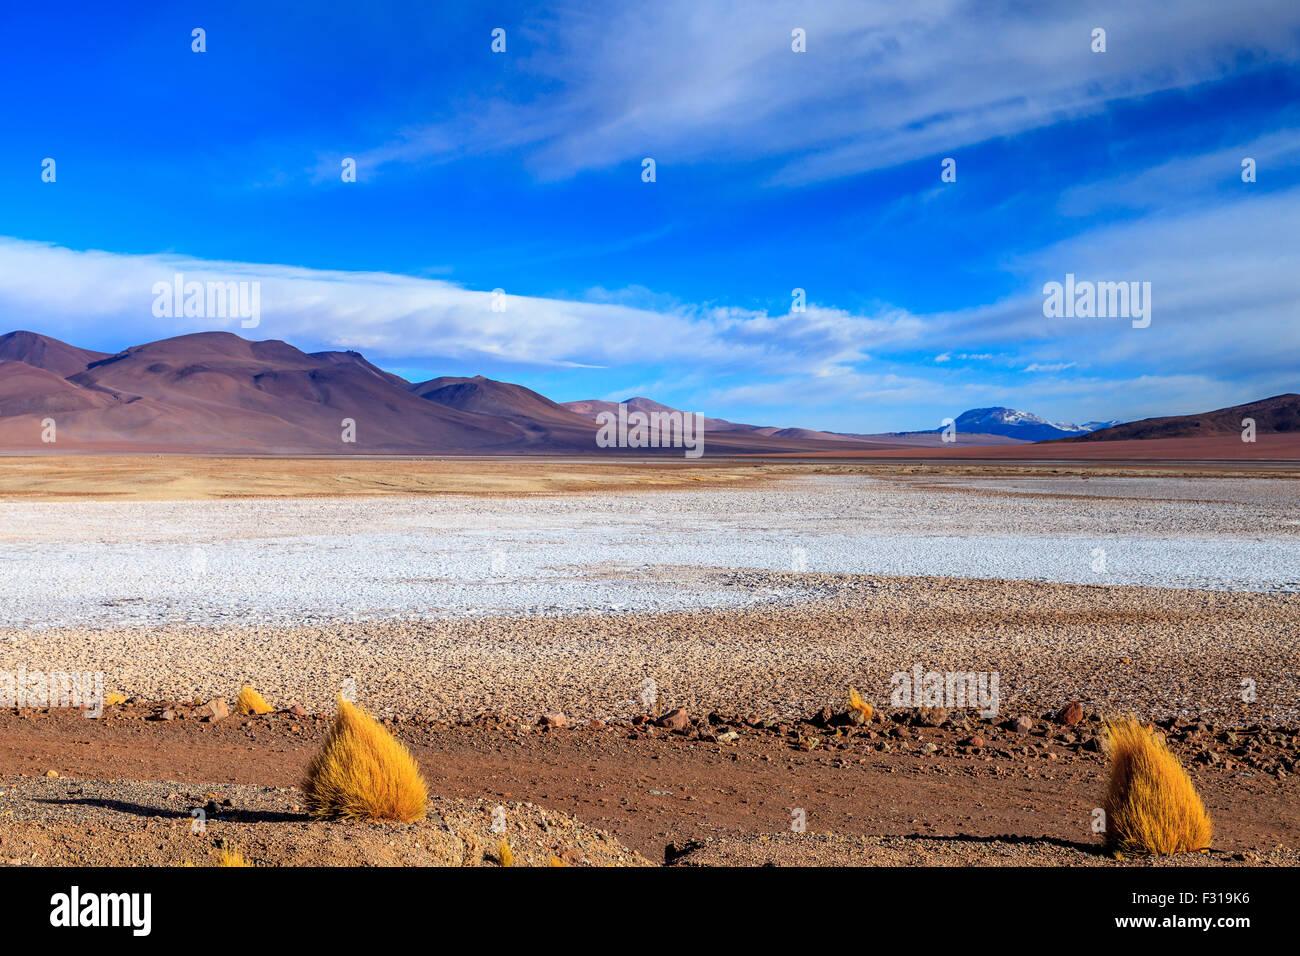 Salar de Tara with curious grass formations - Stock Image